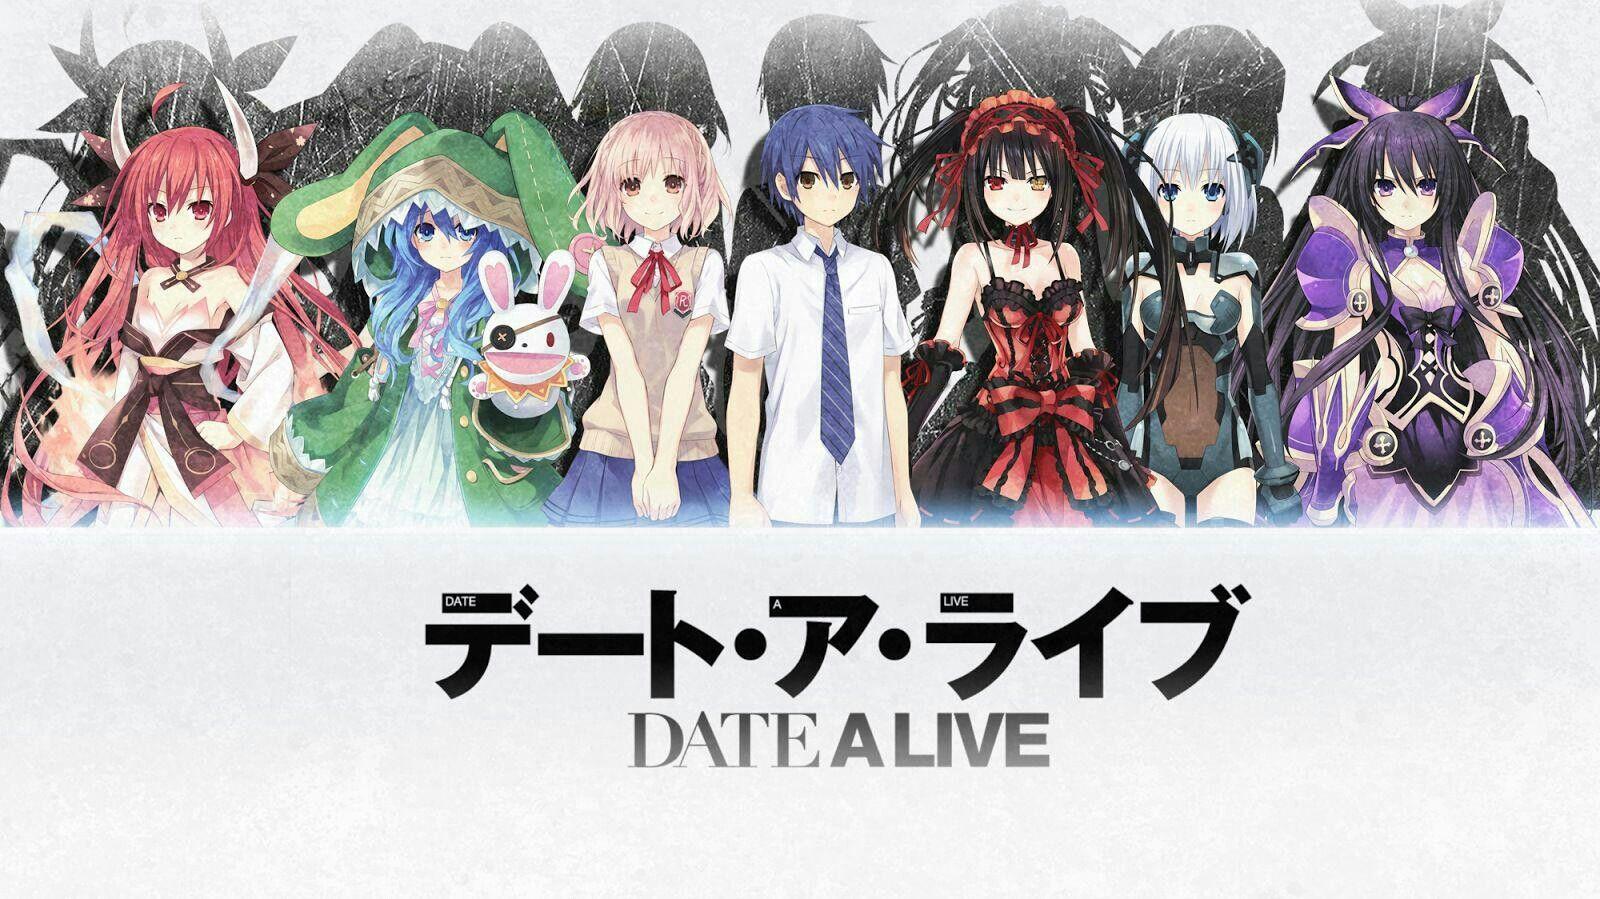 Ghim của Gilgamesh trên Date a live (約會大作戰) Hình ảnh, Anime